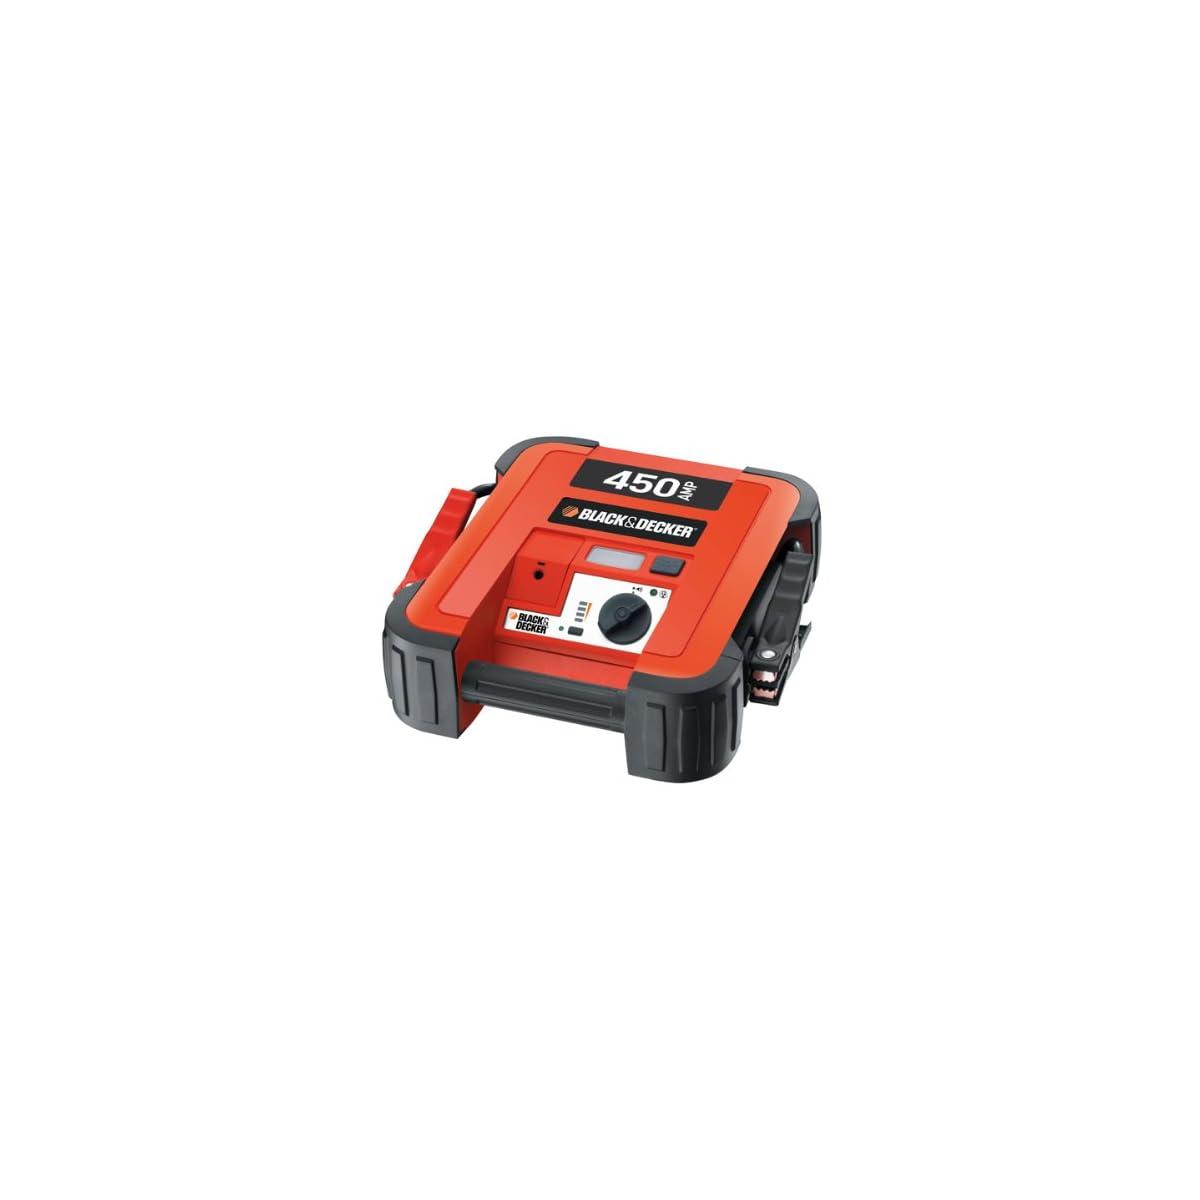 41SeH5GnVlL. SS1200  - Black & Decker BDJS450 Arrancador de Batería 450 A